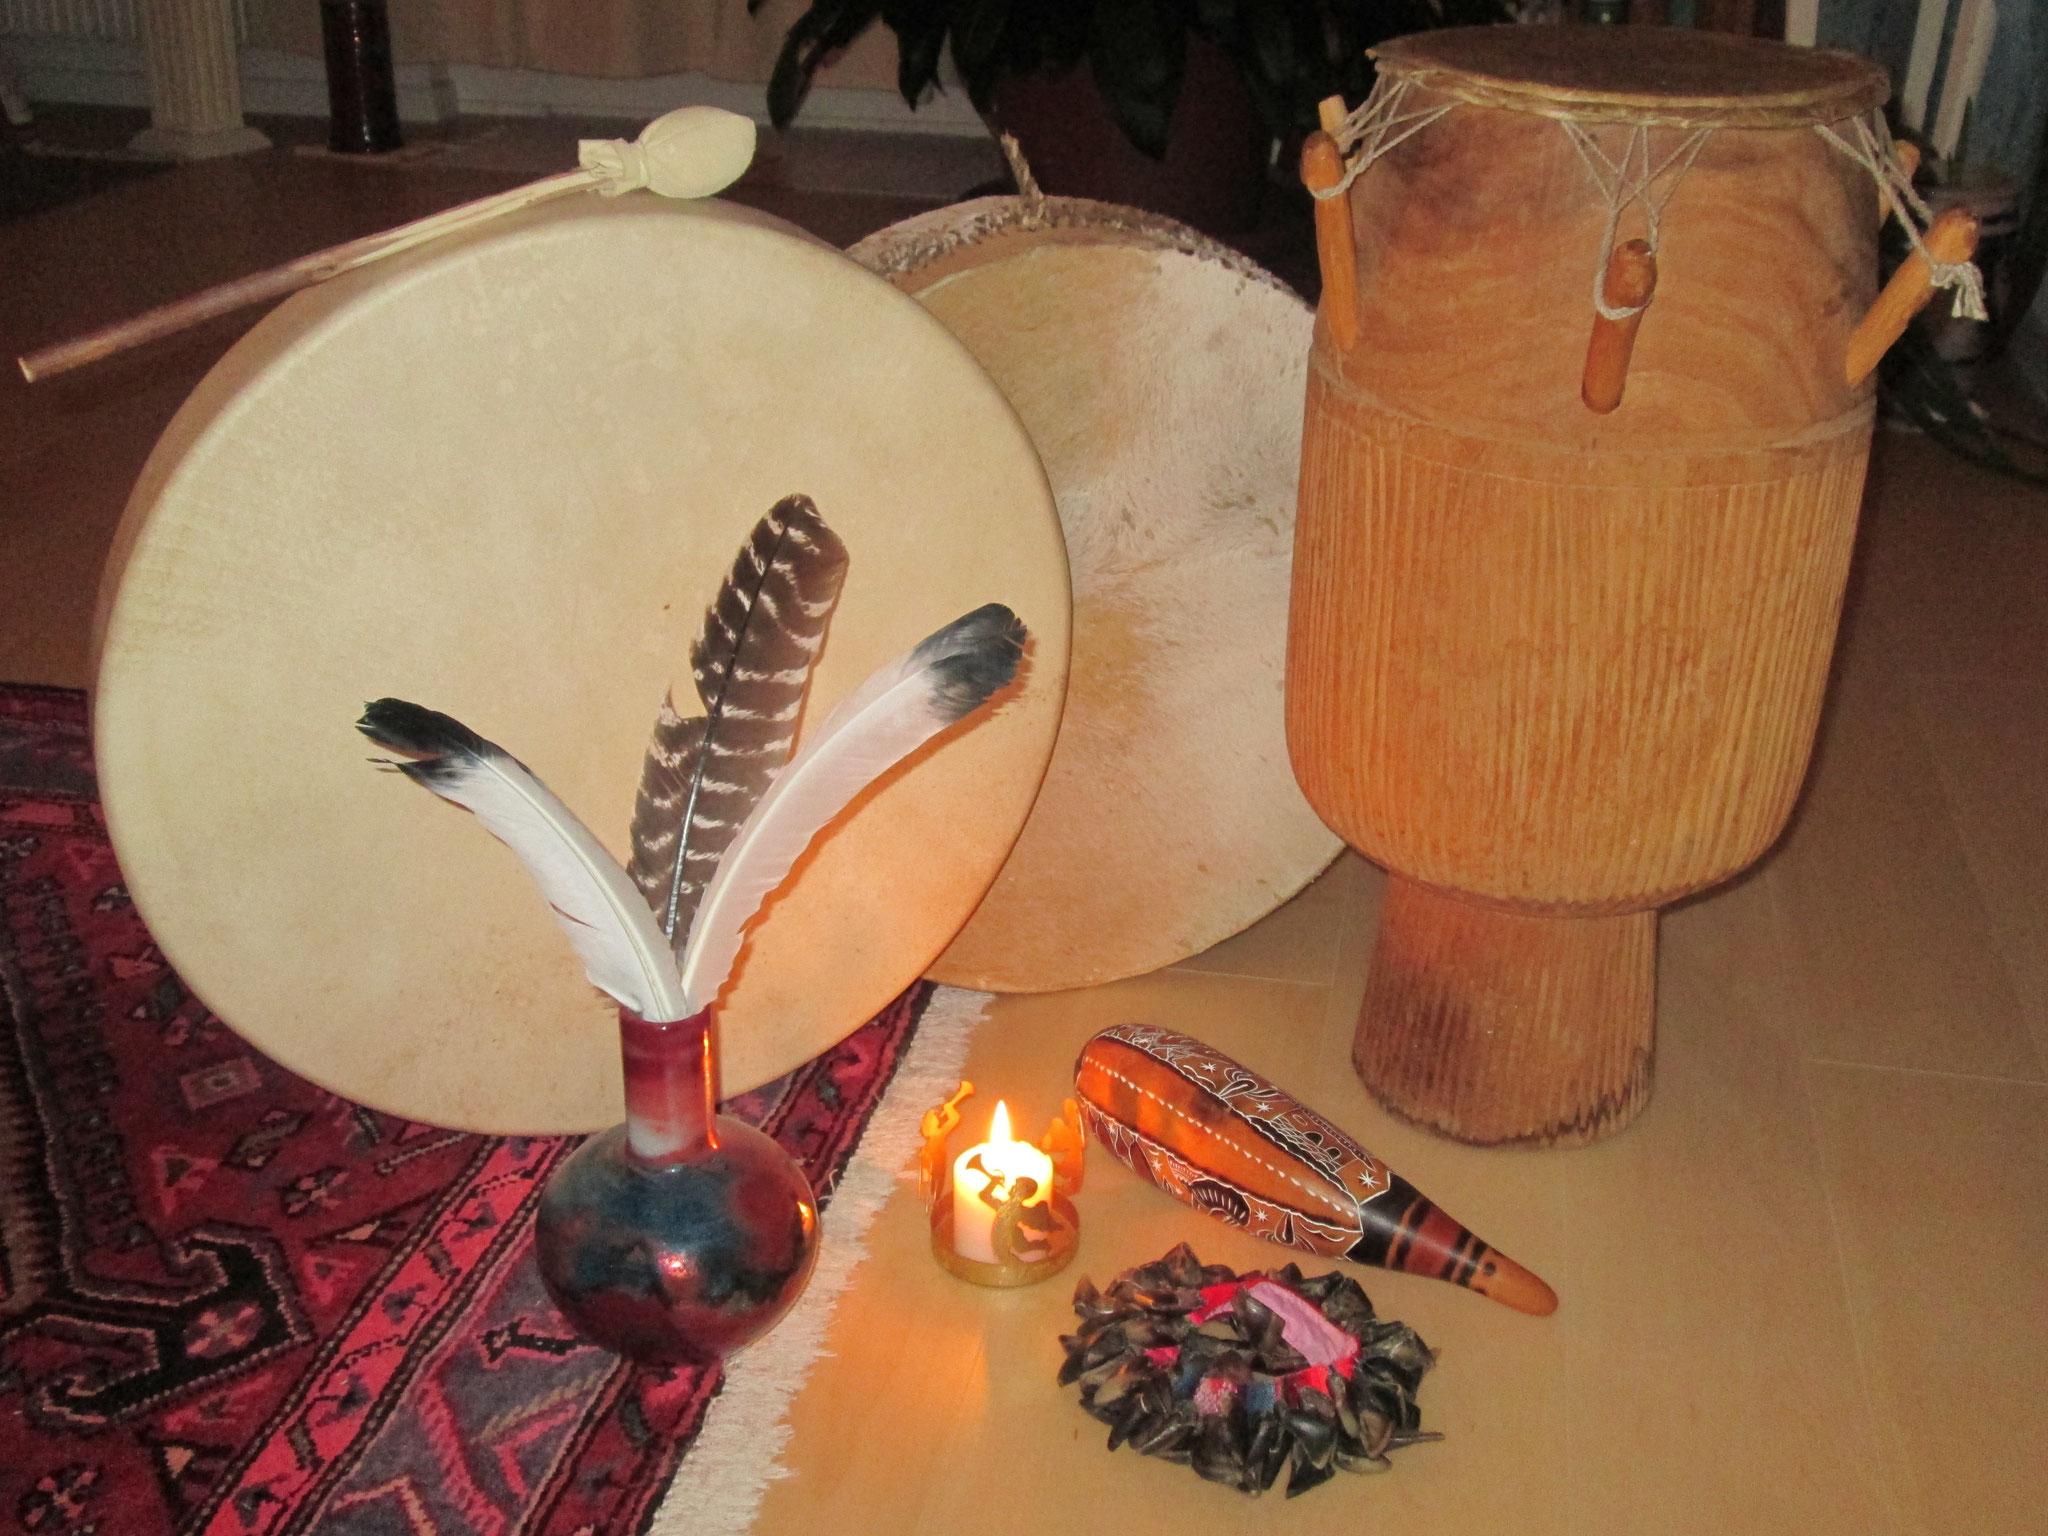 Schamanische und afrikanische Trommel, Djembe